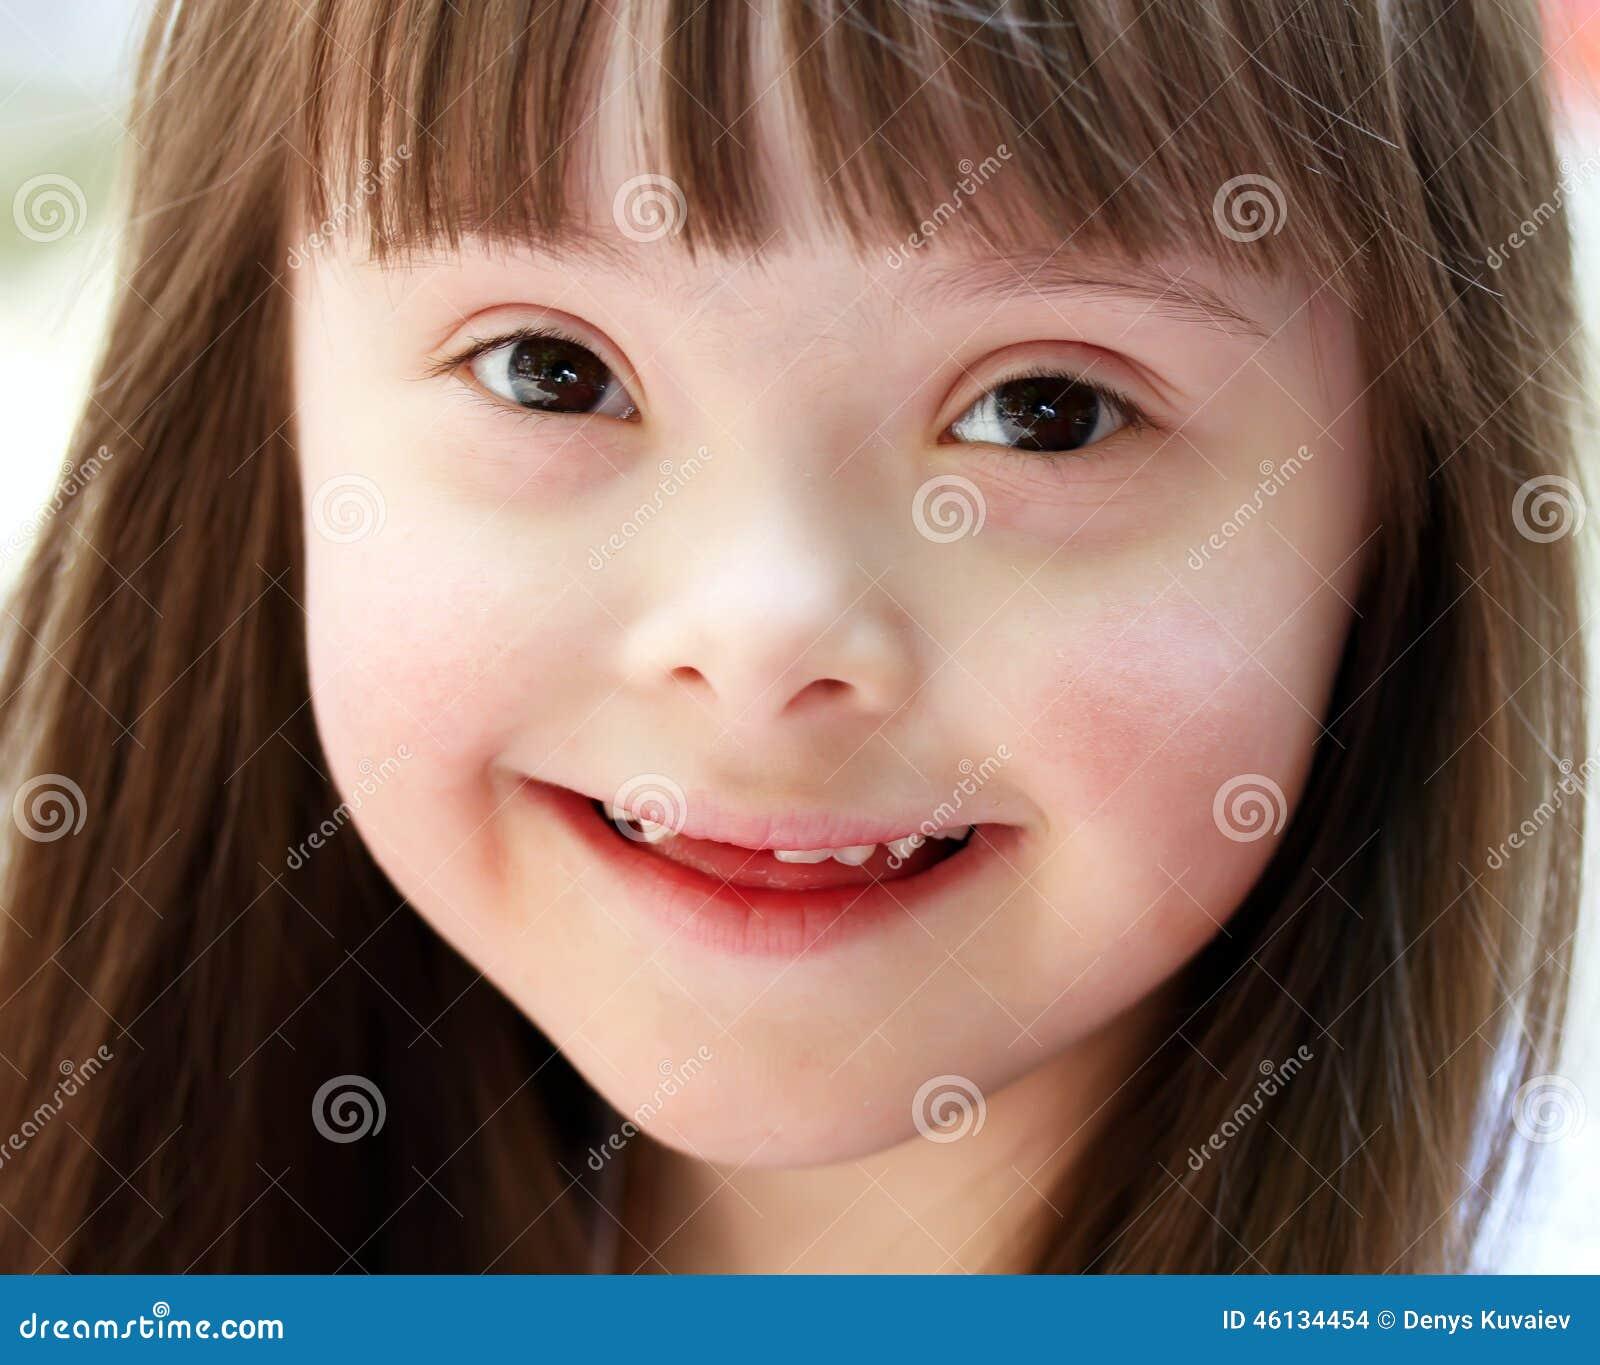 Naked cute little girl-8113